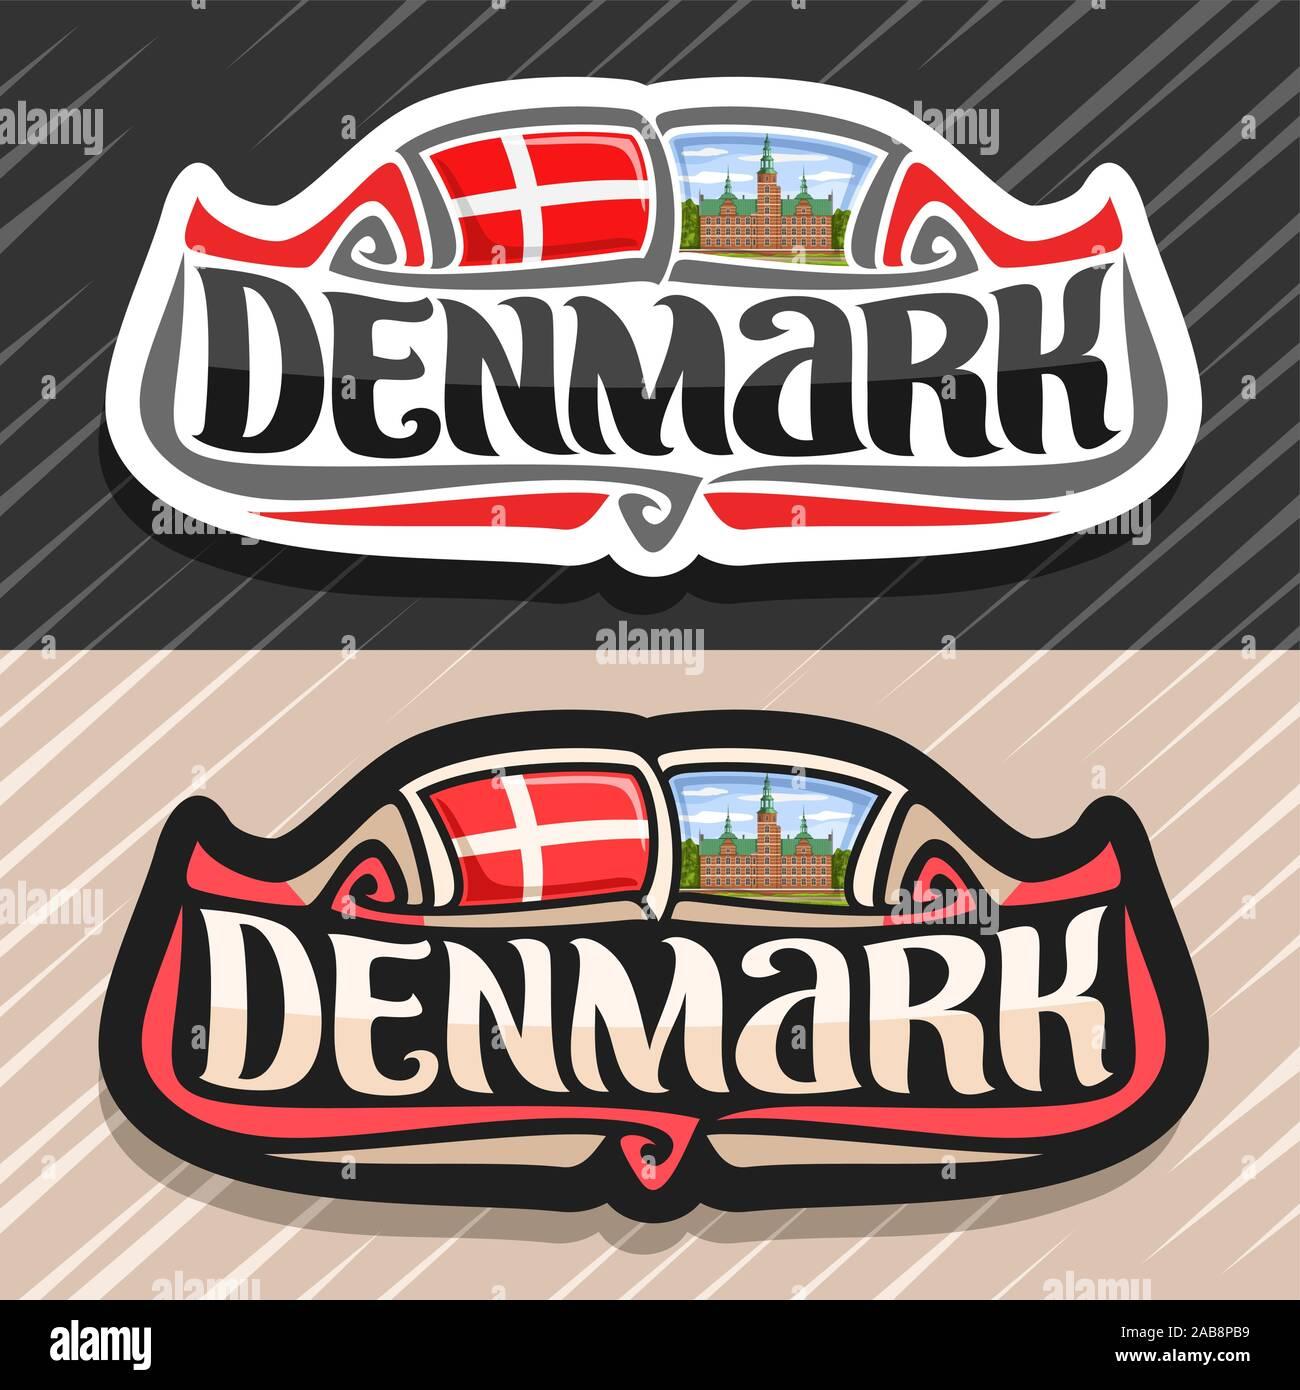 Vector logo para Dinamarca, país, imán de nevera con la bandera estatal danesa, pincel original typeface para word Dinamarca y símbolo nacional danesa - Rosenborg Ilustración del Vector